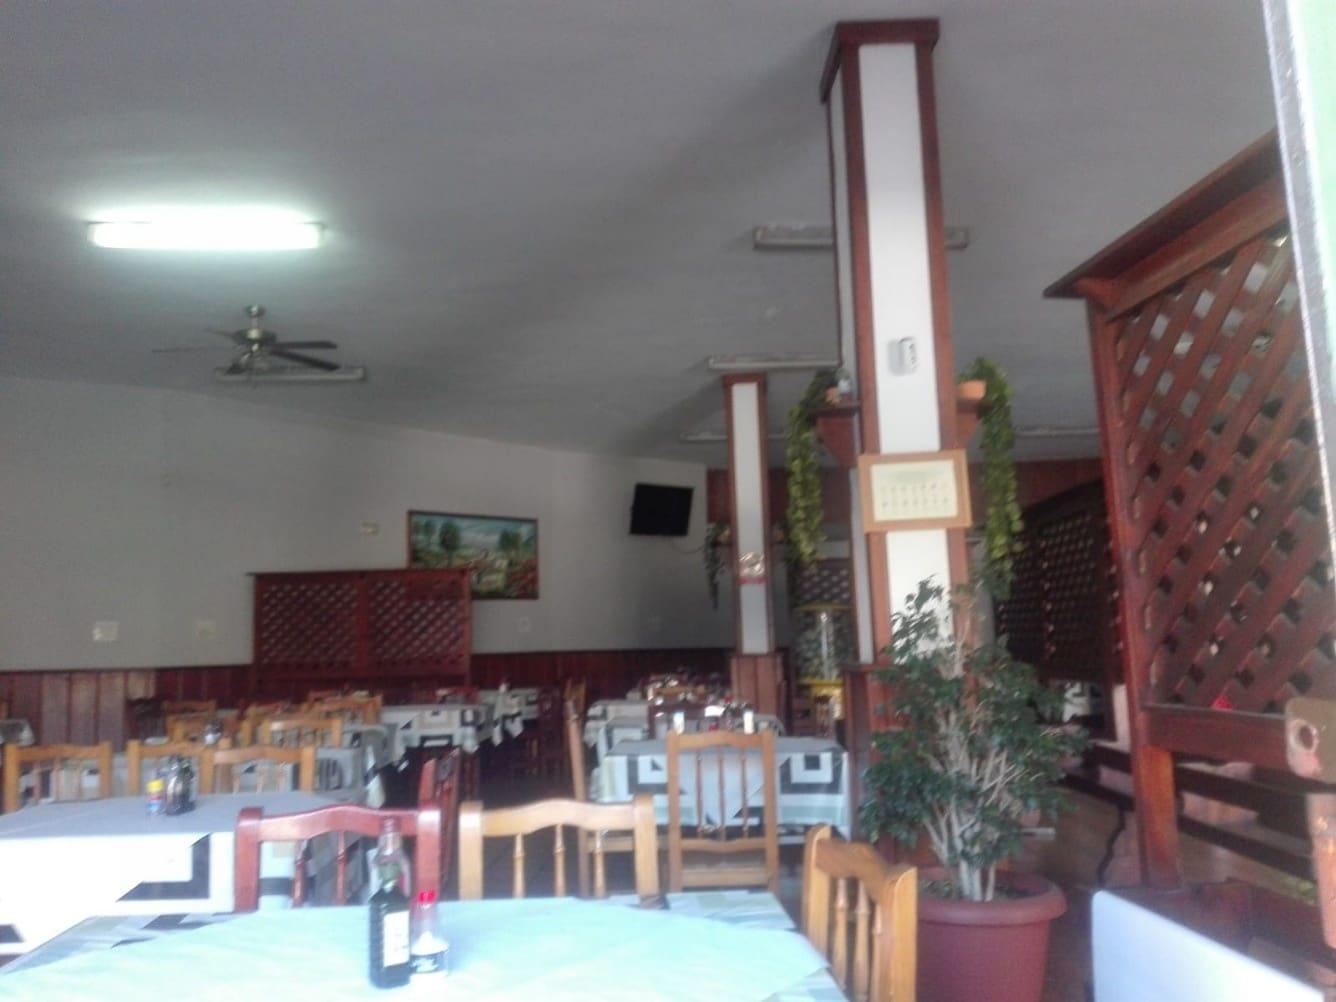 Local Comercial en Icod de los Vinos en venta - 420.000 € (Ref: 4419527)